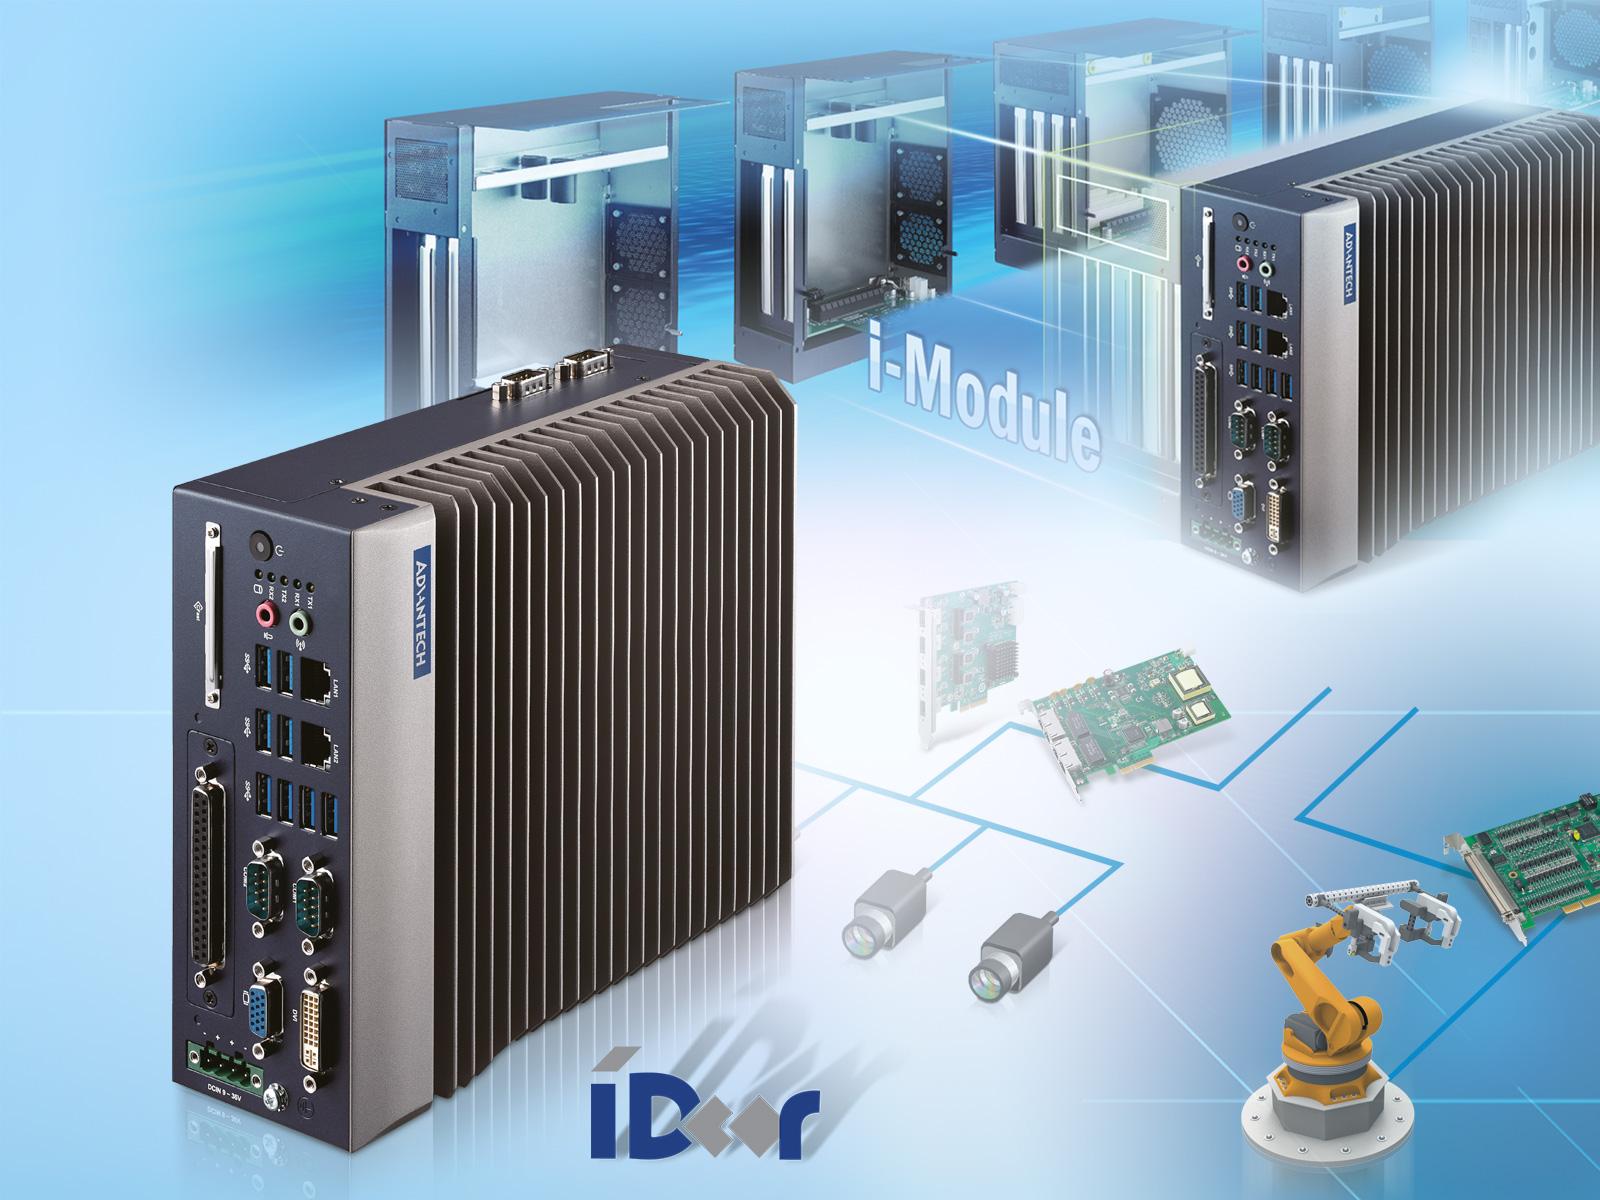 MIC-7500: Industrie-PCs für die nächste Generation und IoT